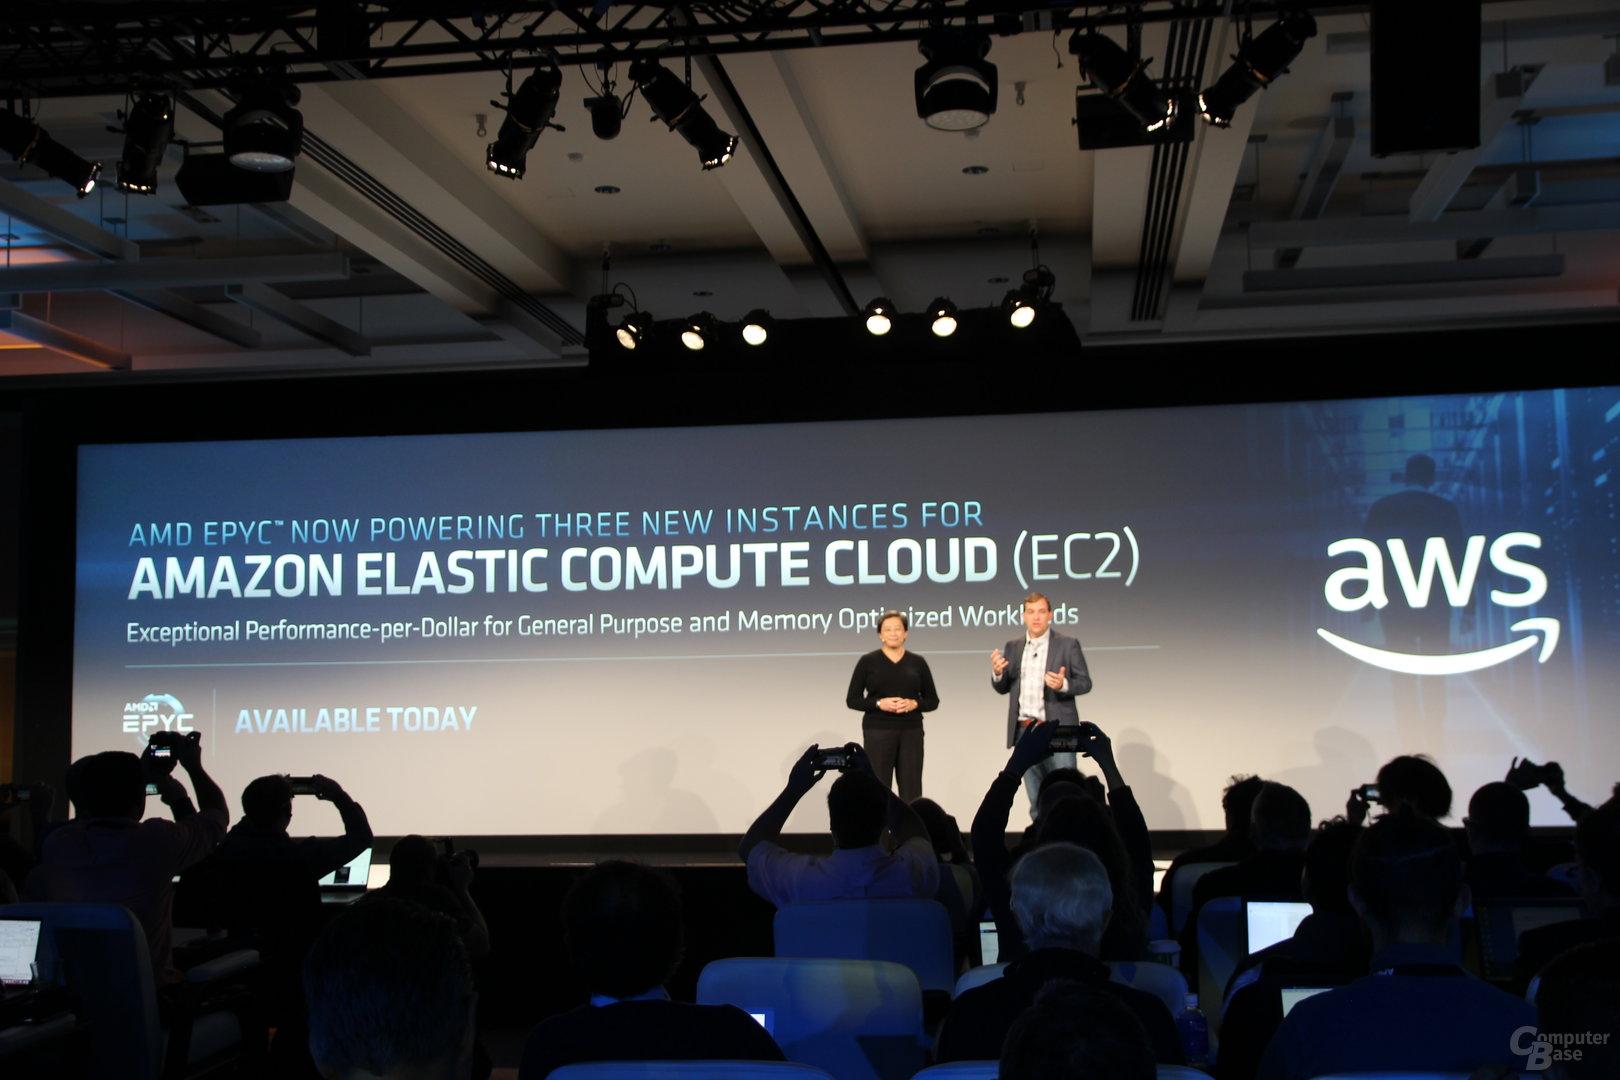 AWS ist nun Kunde bei AMD